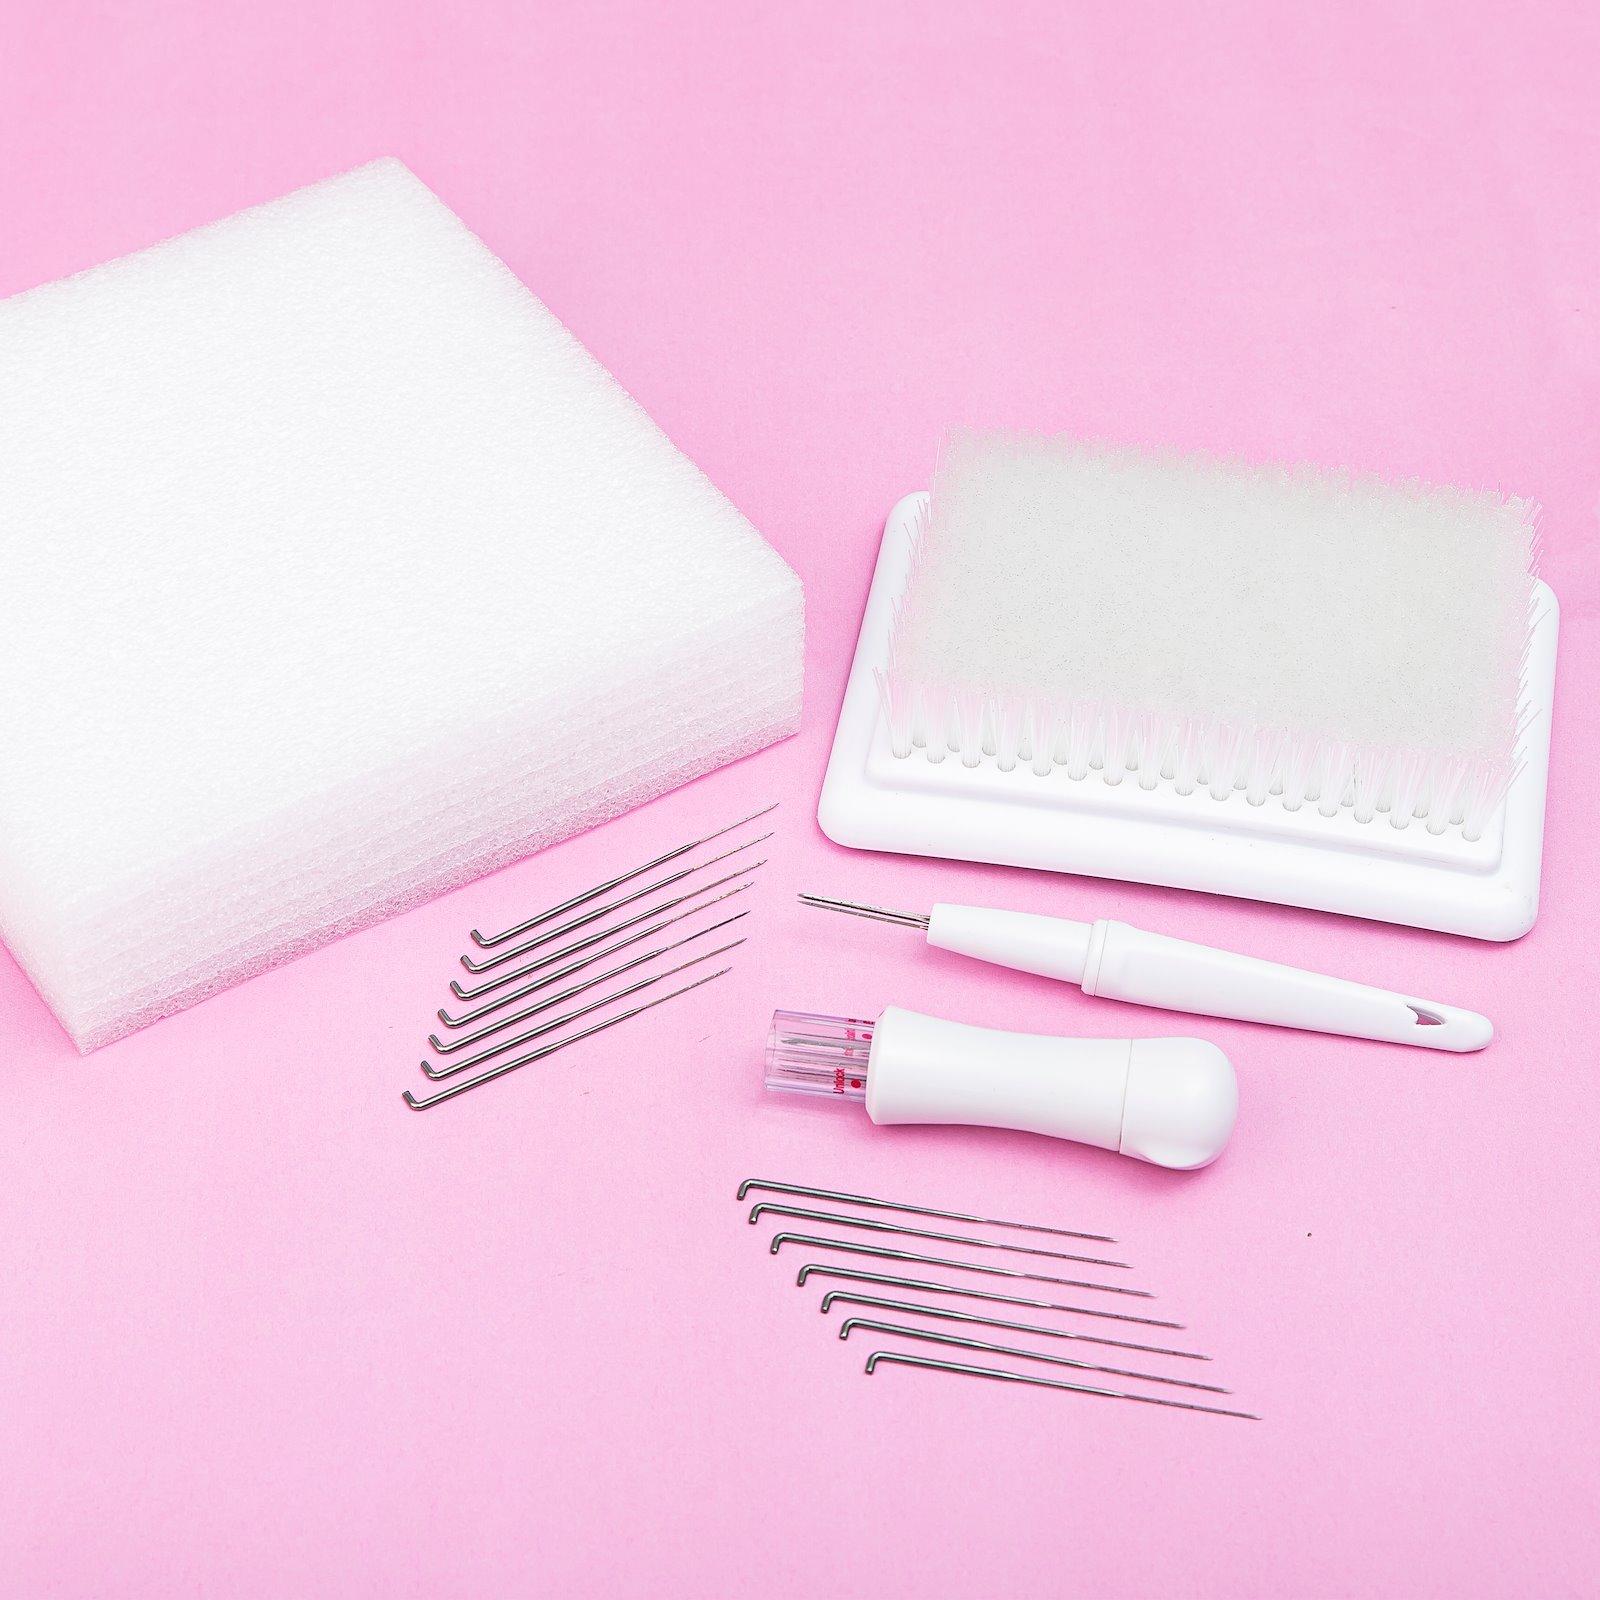 Felting brush/cushion 16x11cm white 1pc 46674_46673_46672_46671_46670_37000_bundle